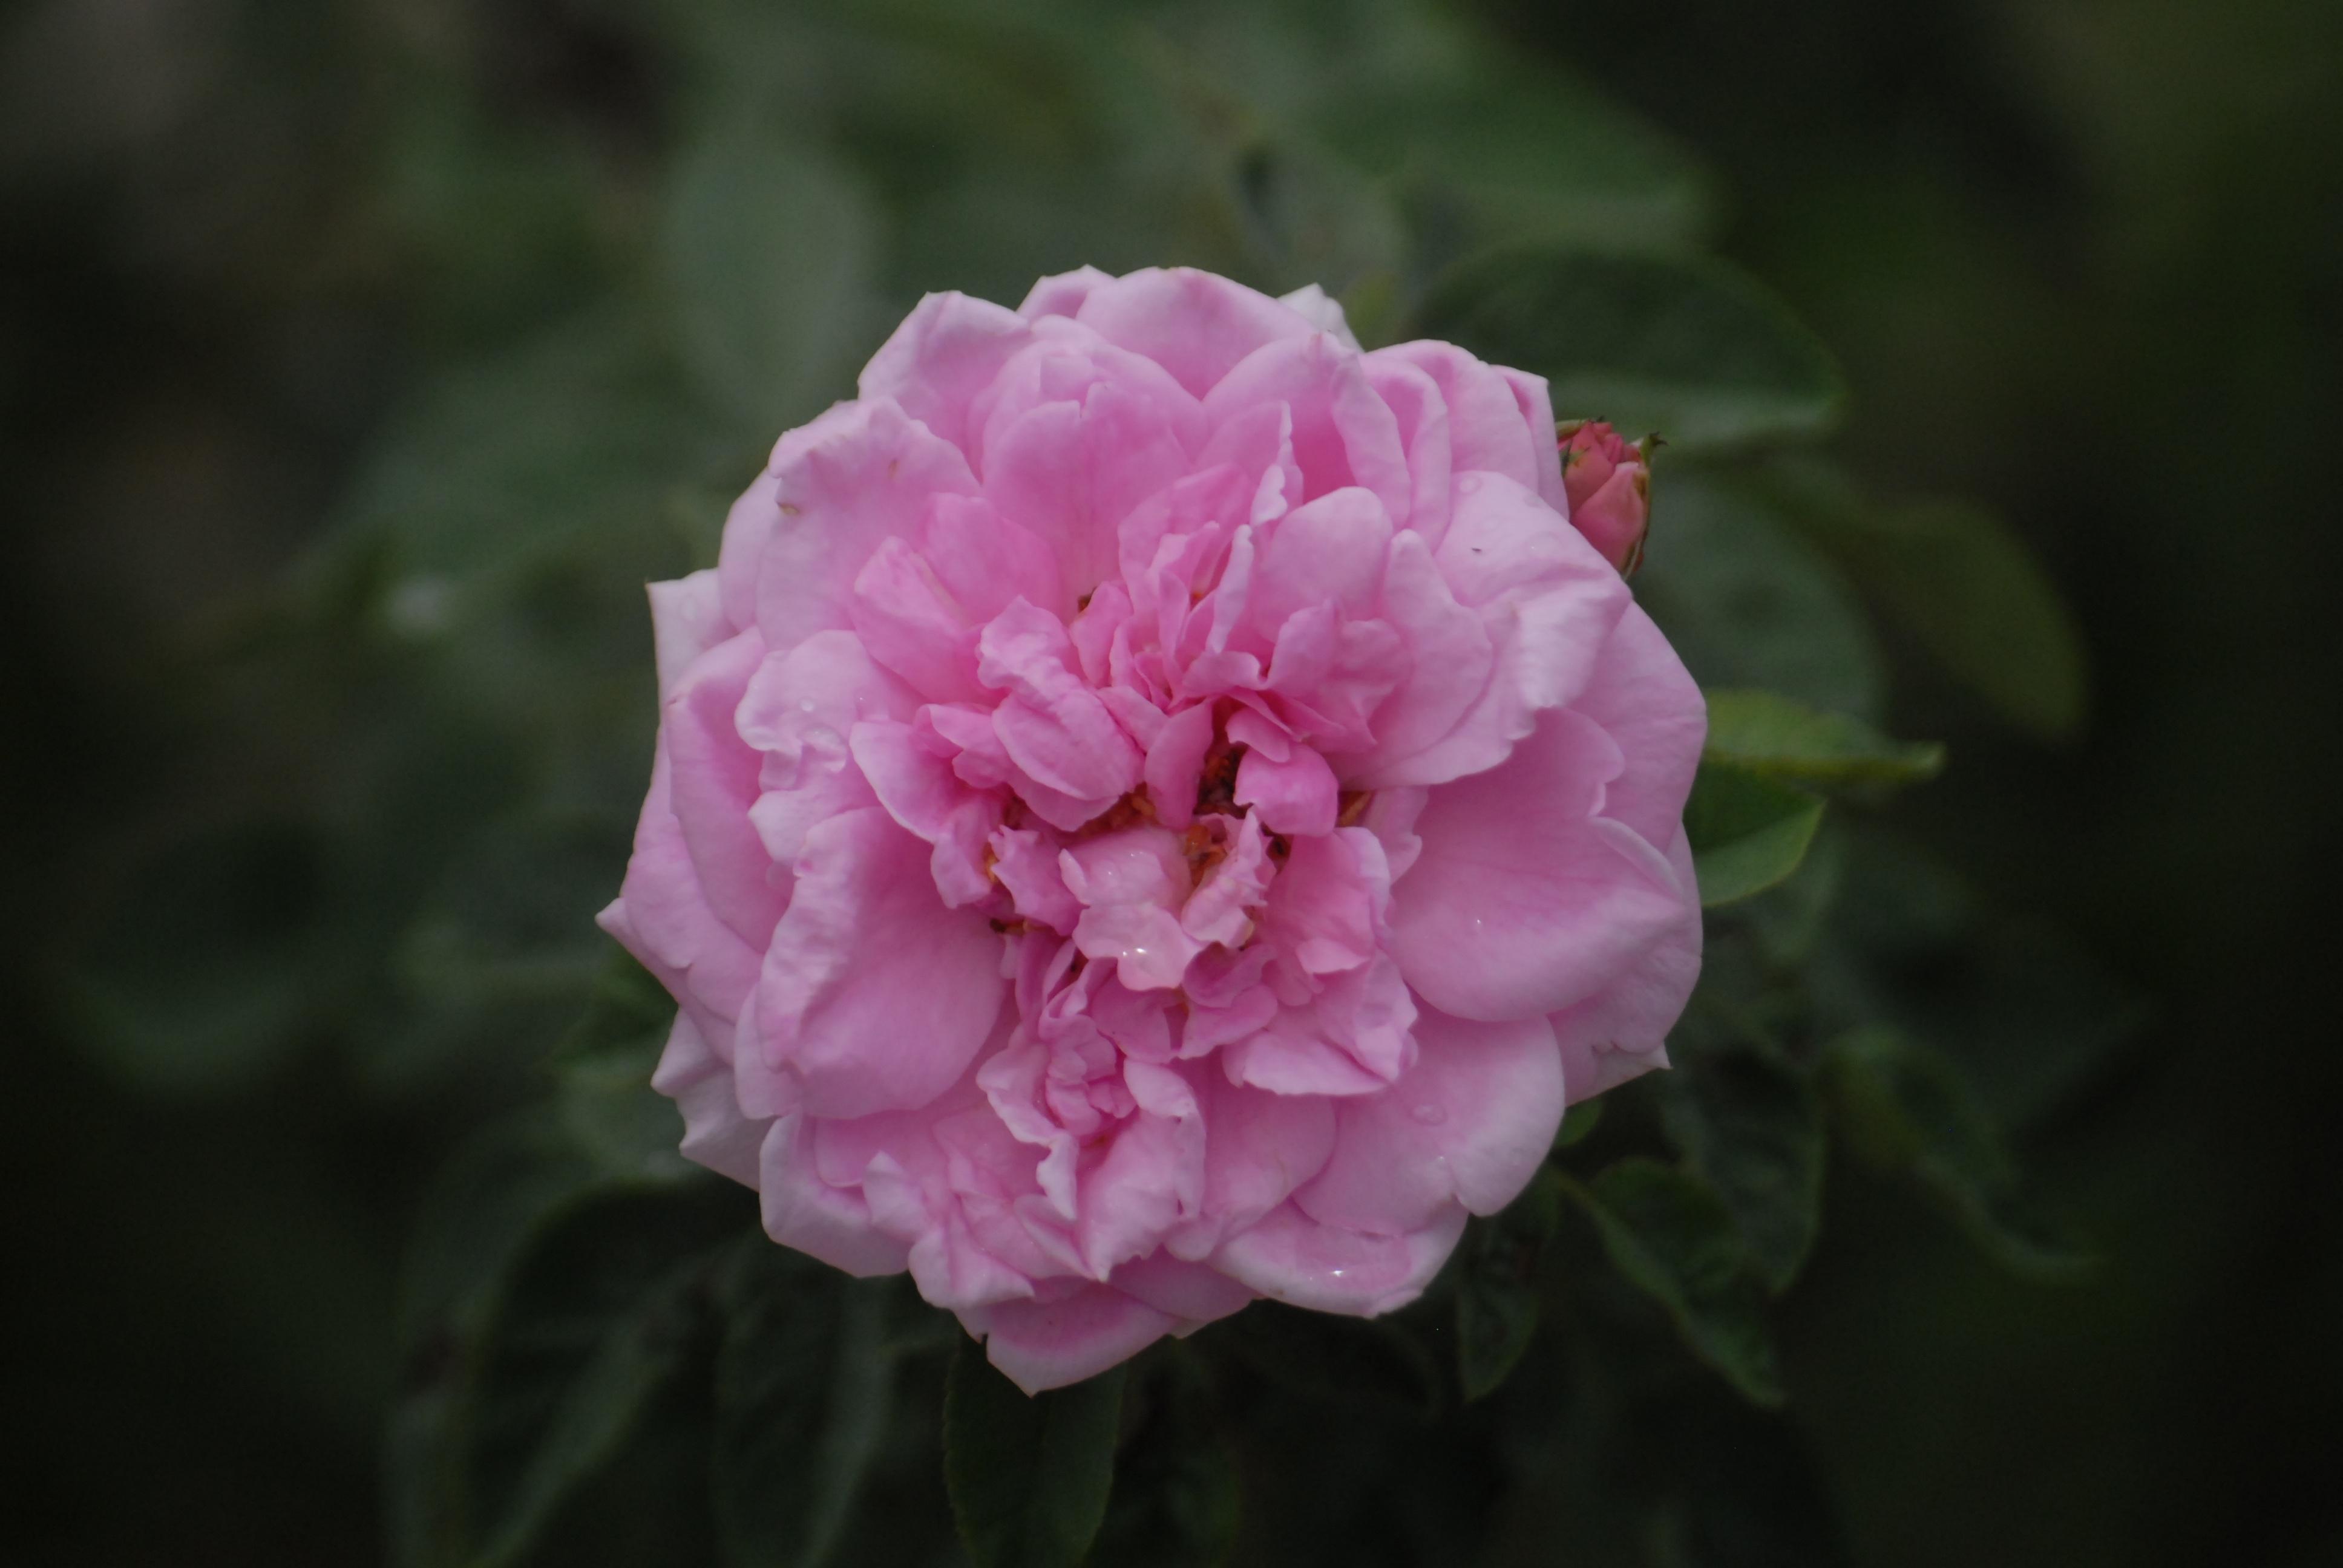 Gambar mekar menanam daun bunga berwarna merah muda Flora Latar Belakang mawar merah muda peony floribunda fotografi makro daun hijau